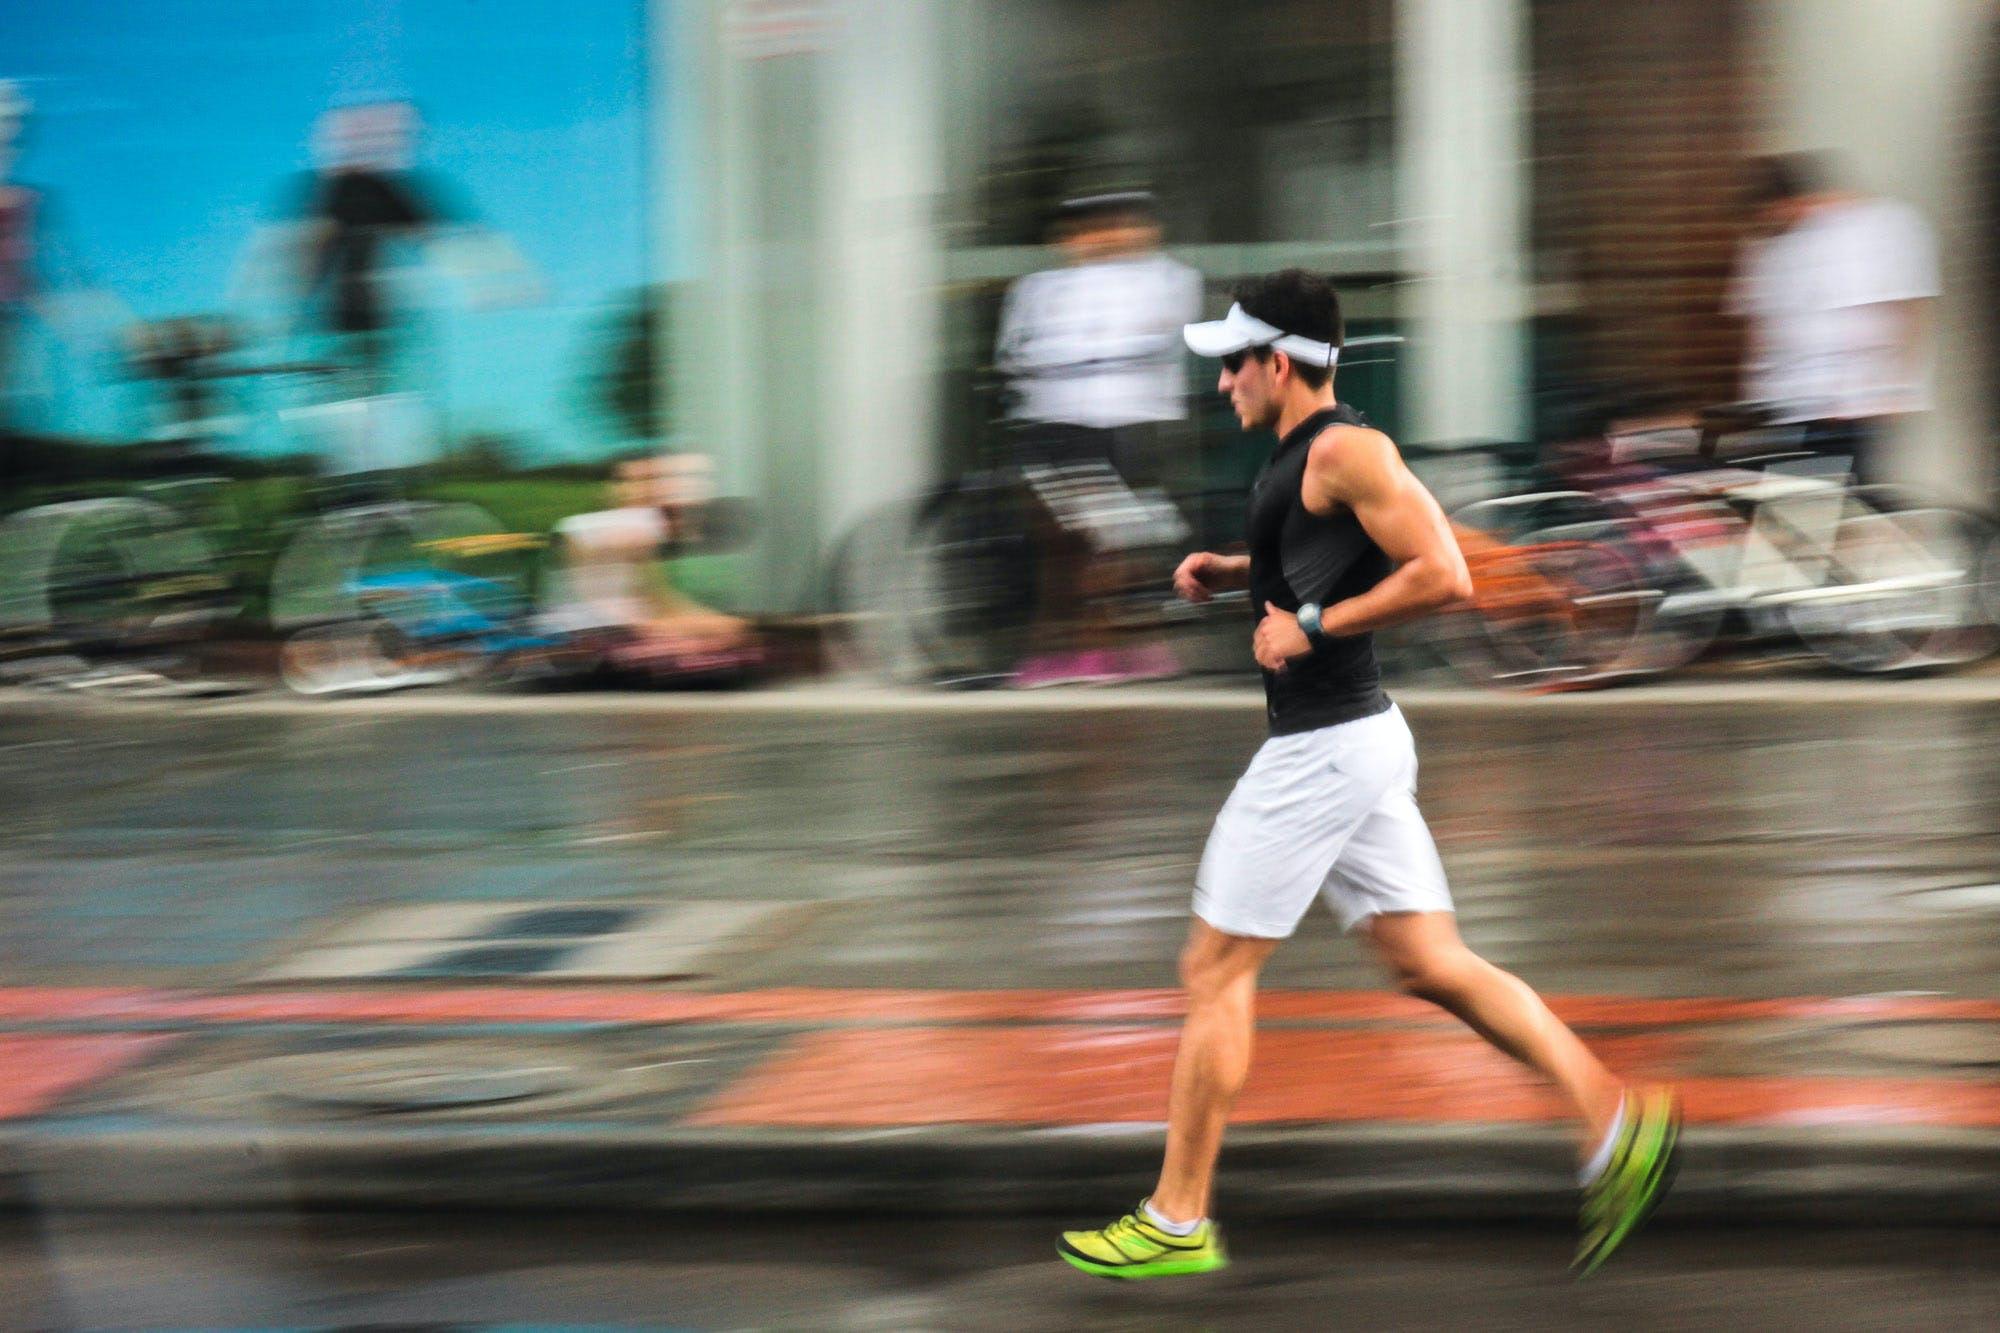 Gratis lagerfoto af caminando, corredor, correr, corriendo